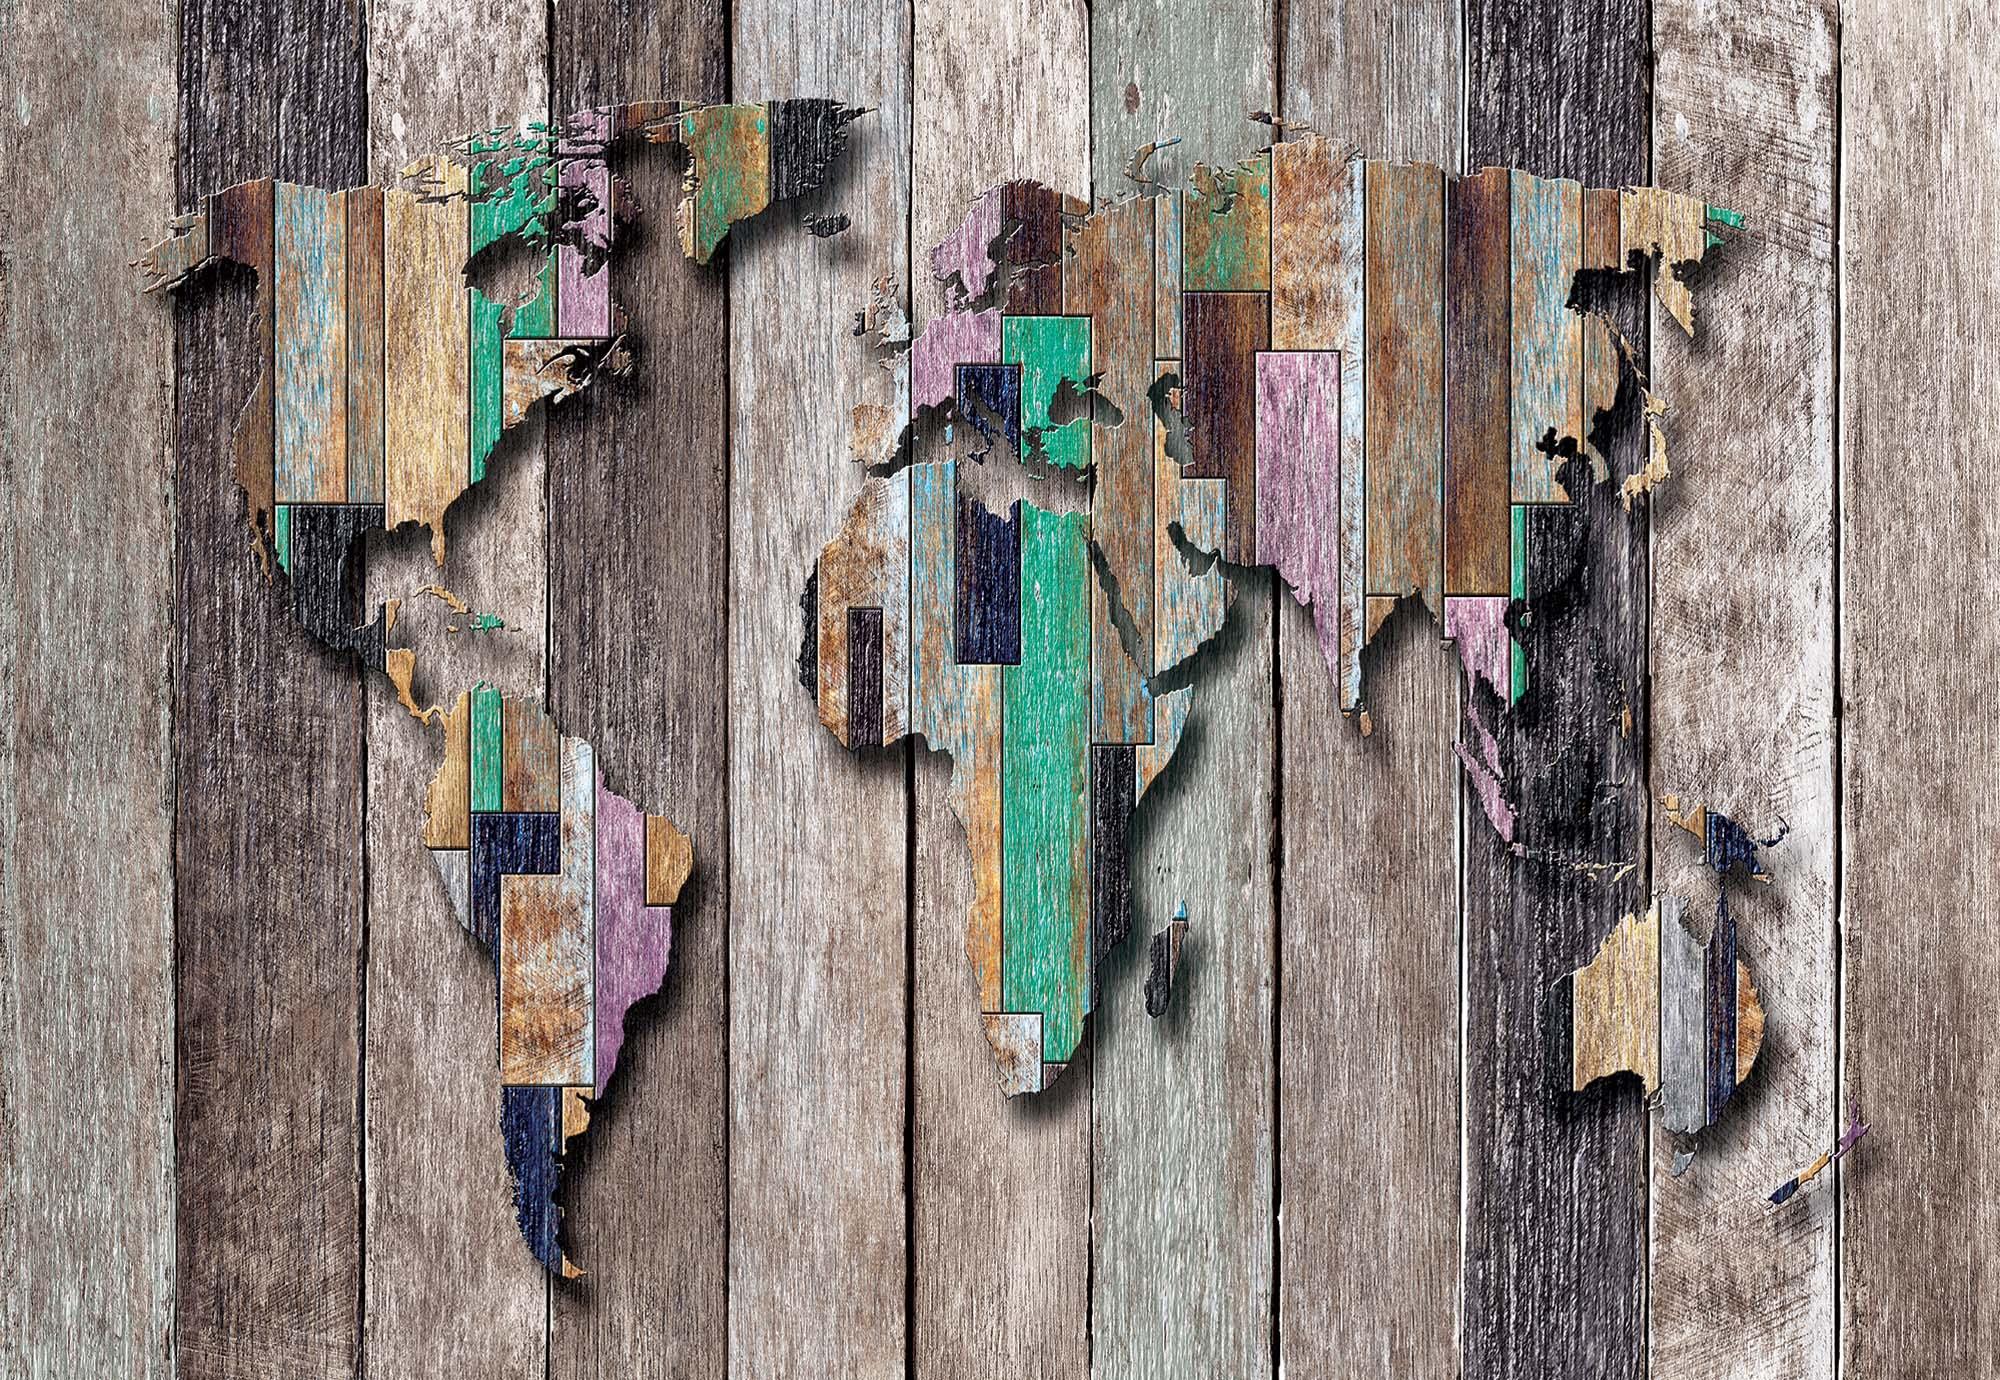 Fali poszter loft deszka mintás világtérkép mintával